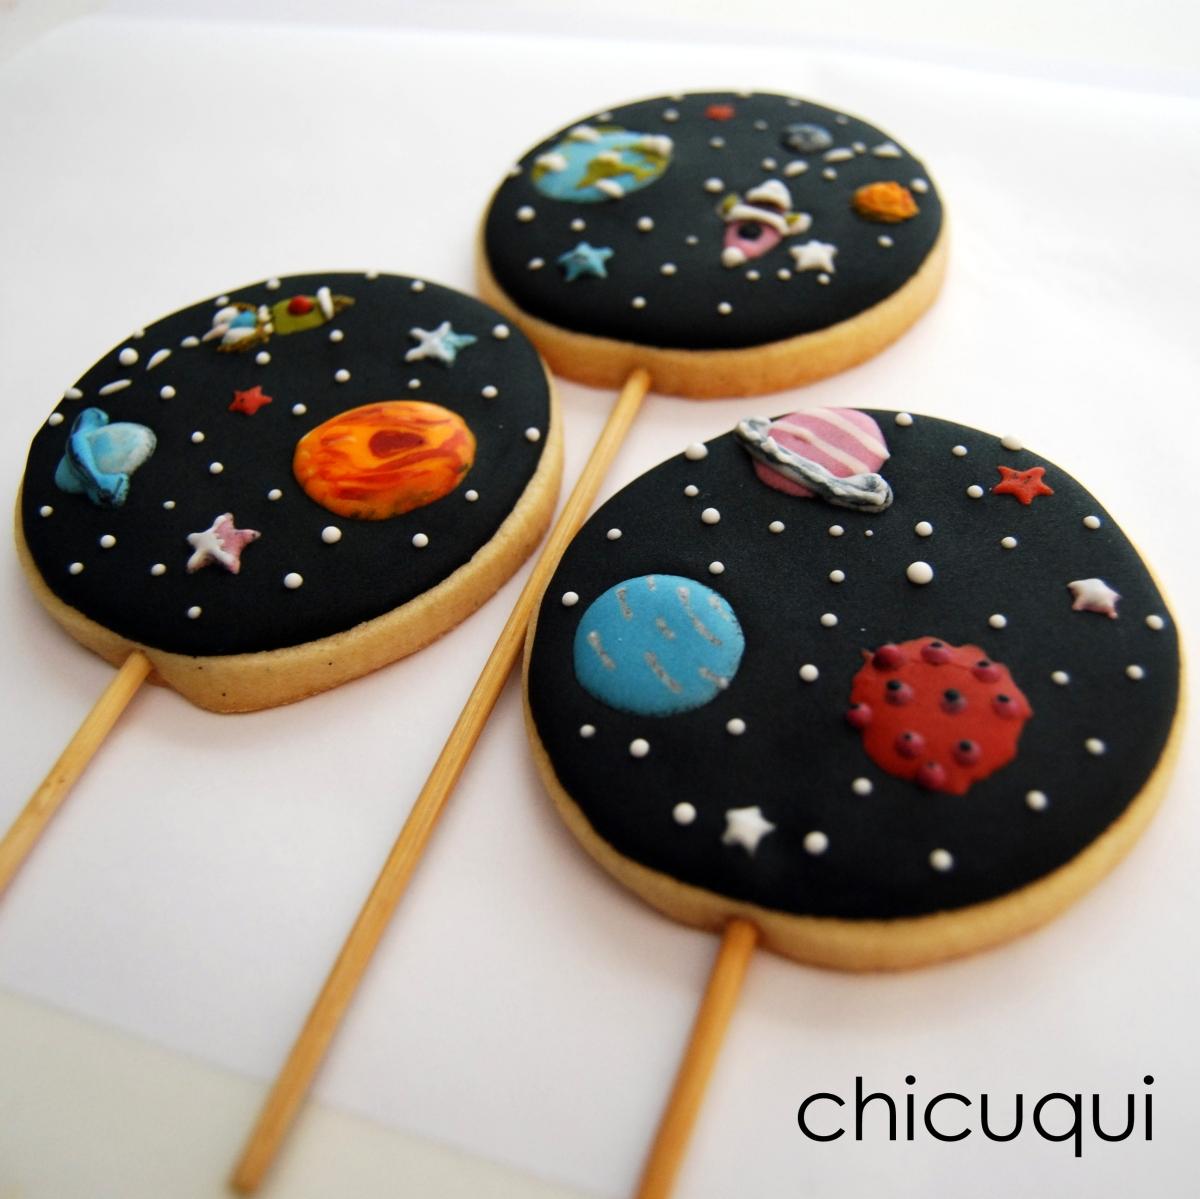 El espacio, en galletas decoradas